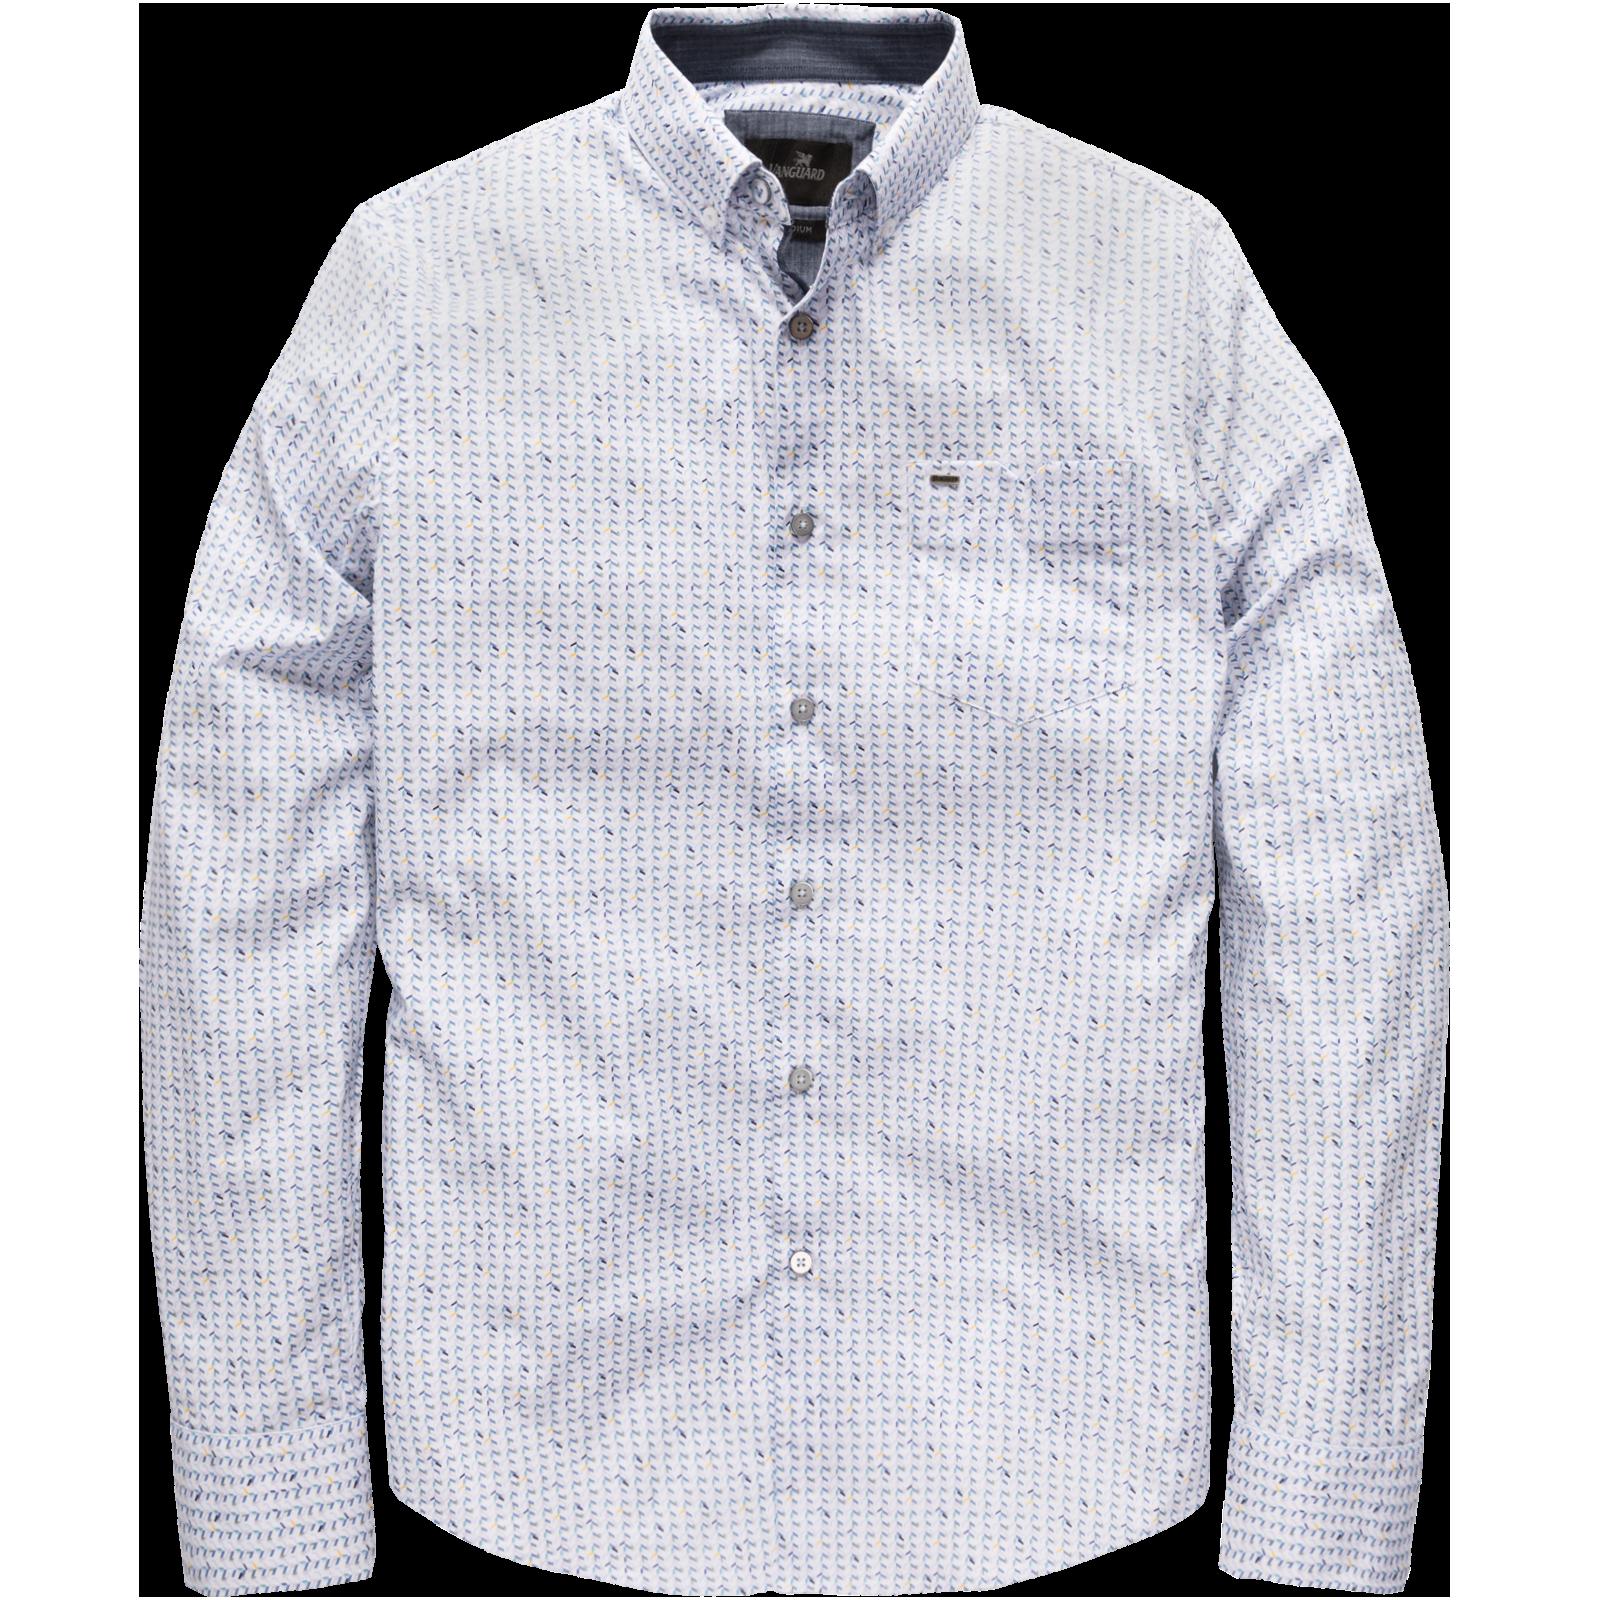 6a0bf68bfa7 Vanguard overhemd wit | shop de nieuwste collectie Vanguard overhemden